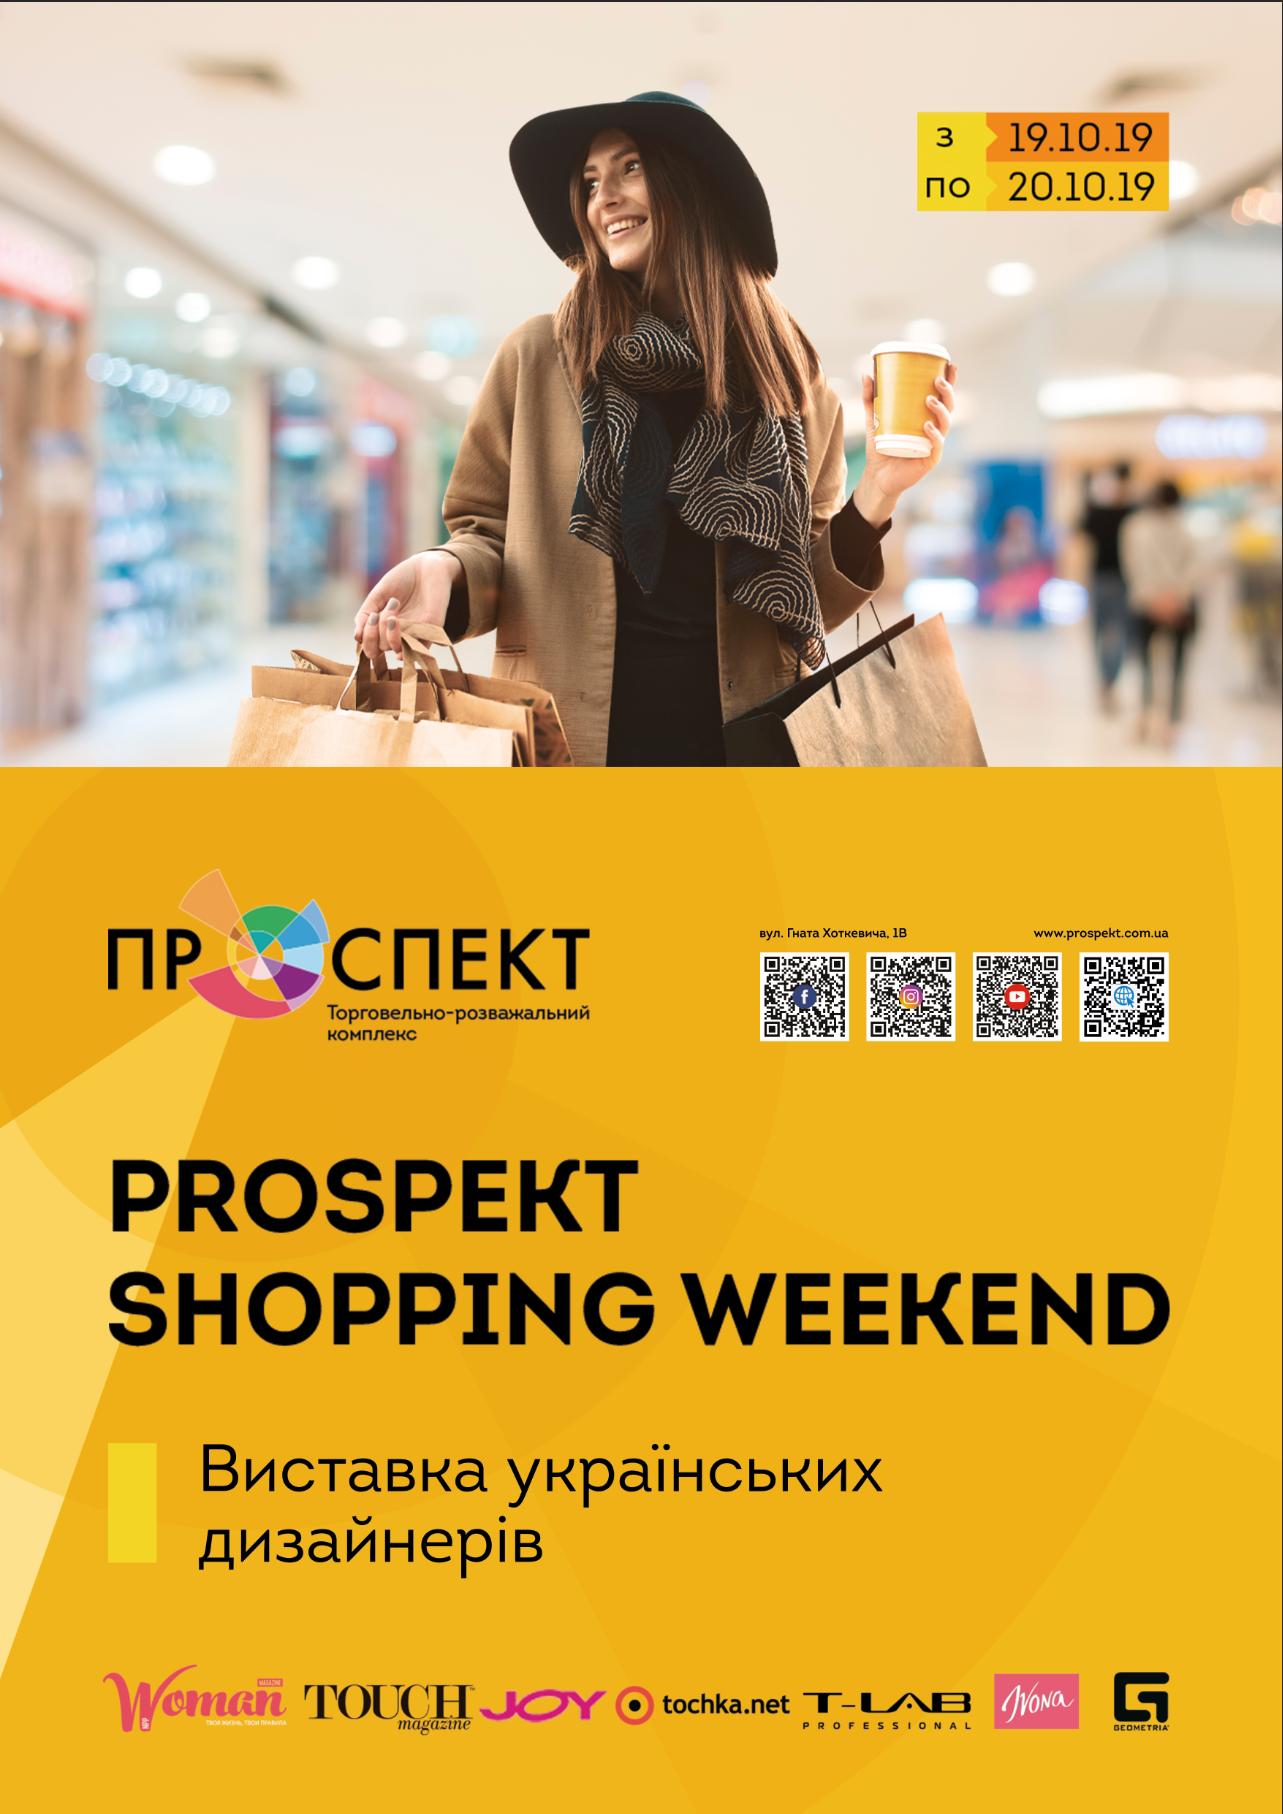 В Киеве пройдет масштабный фестиваль моды PROSPEKT SHOPPING WEEKEND